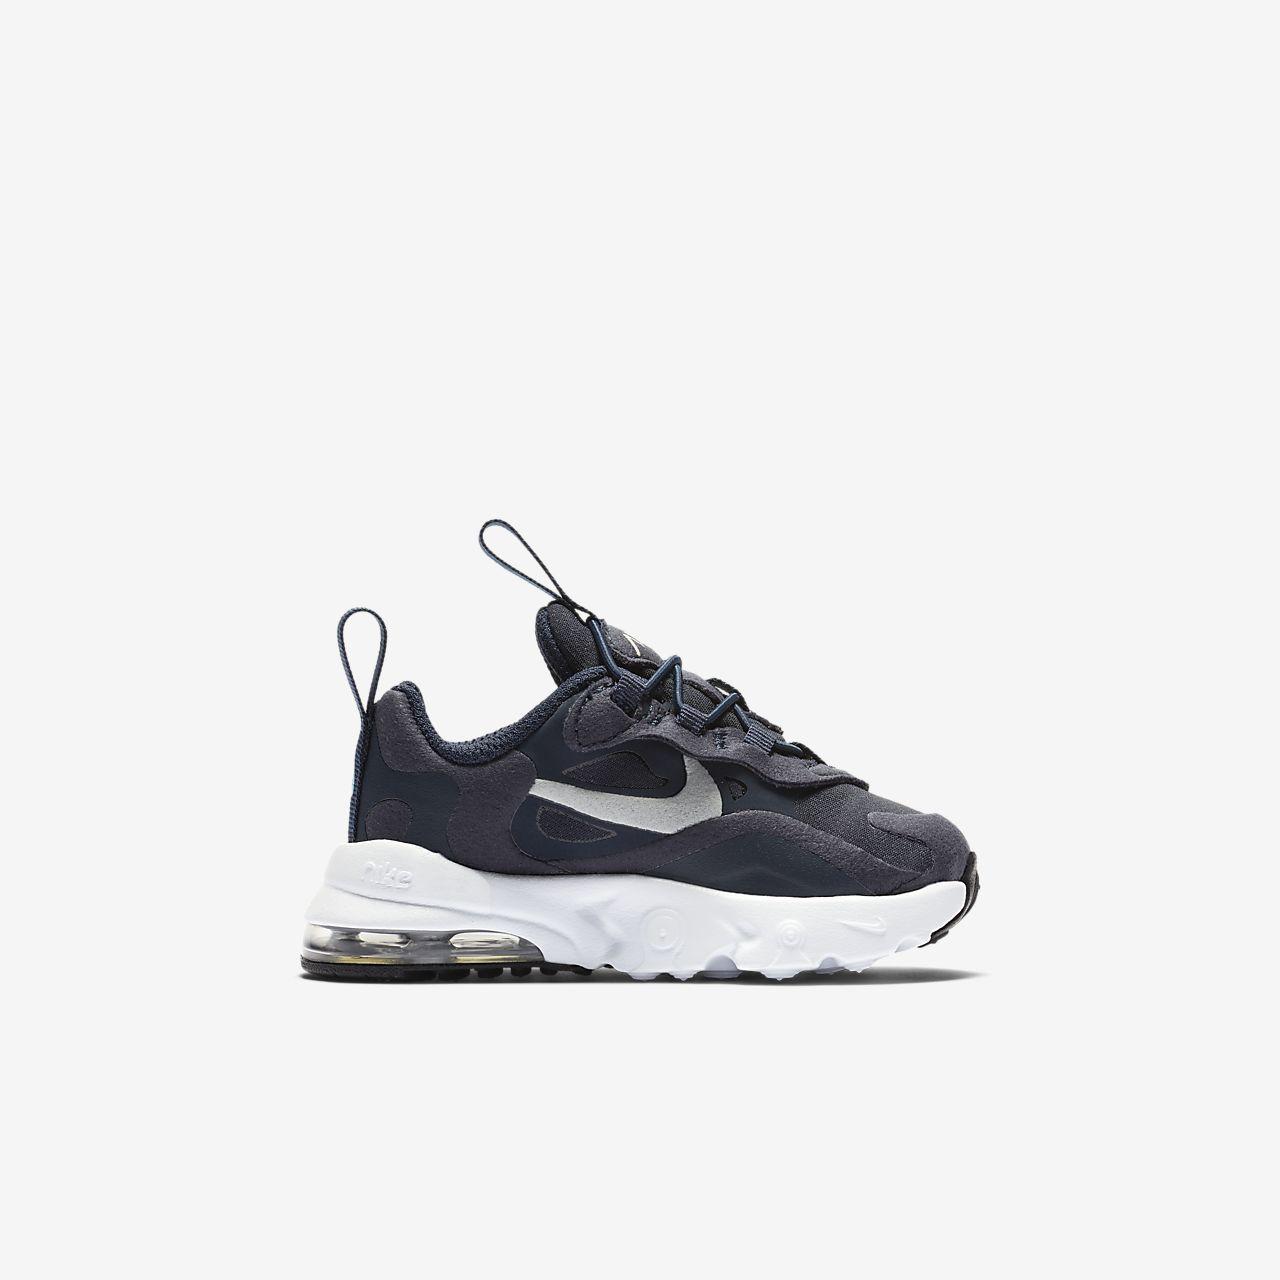 Nike Air Max 270 RT sko til babyersmåbørn